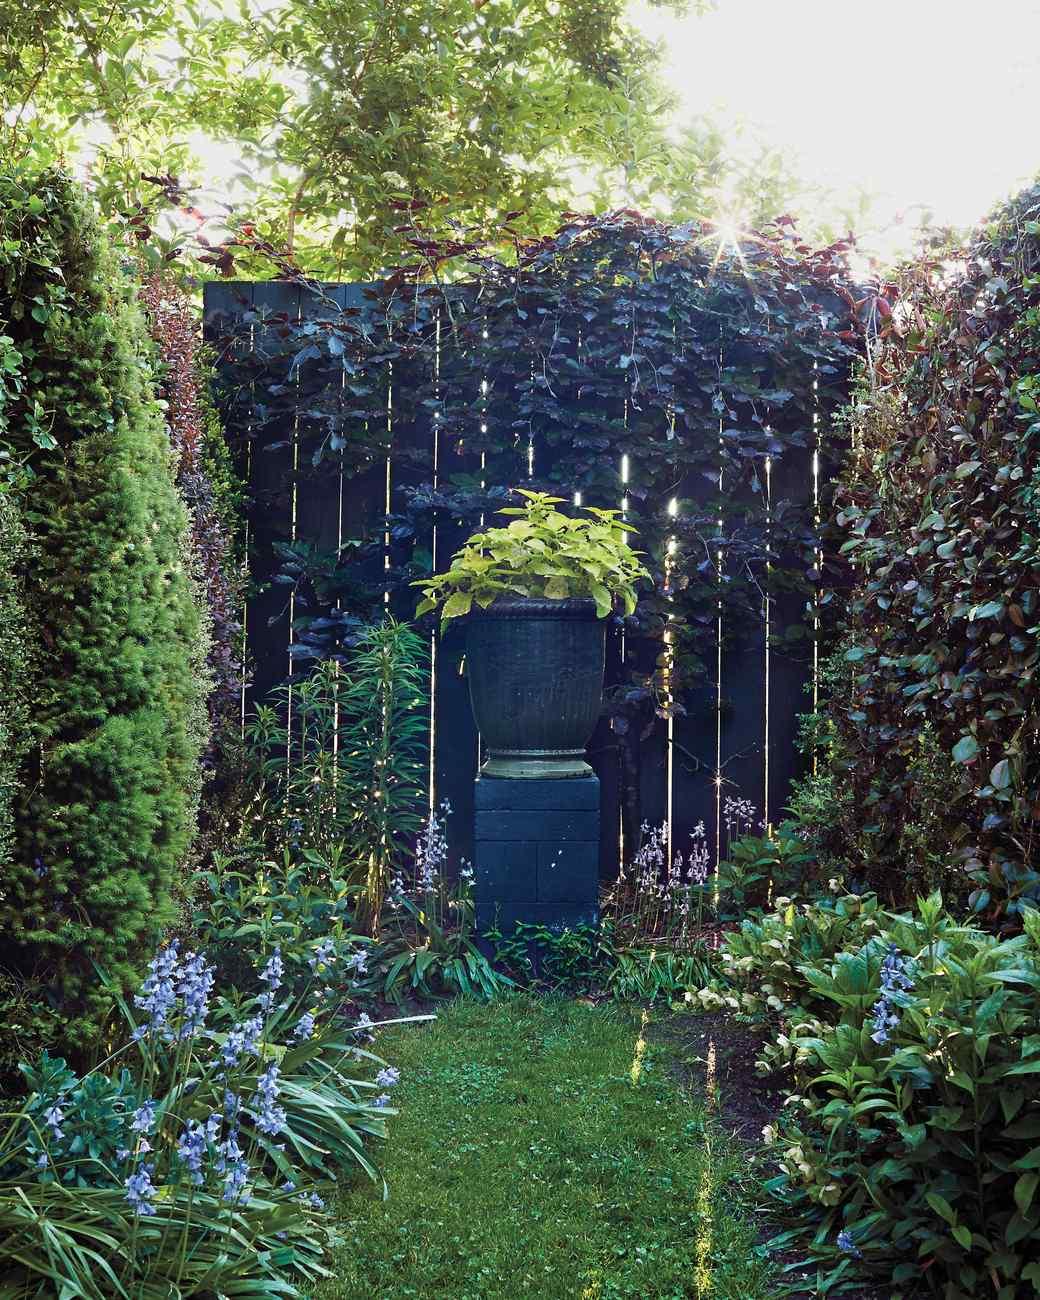 sakonnet-garden-rhode-island-0107-d112230-0216.jpg